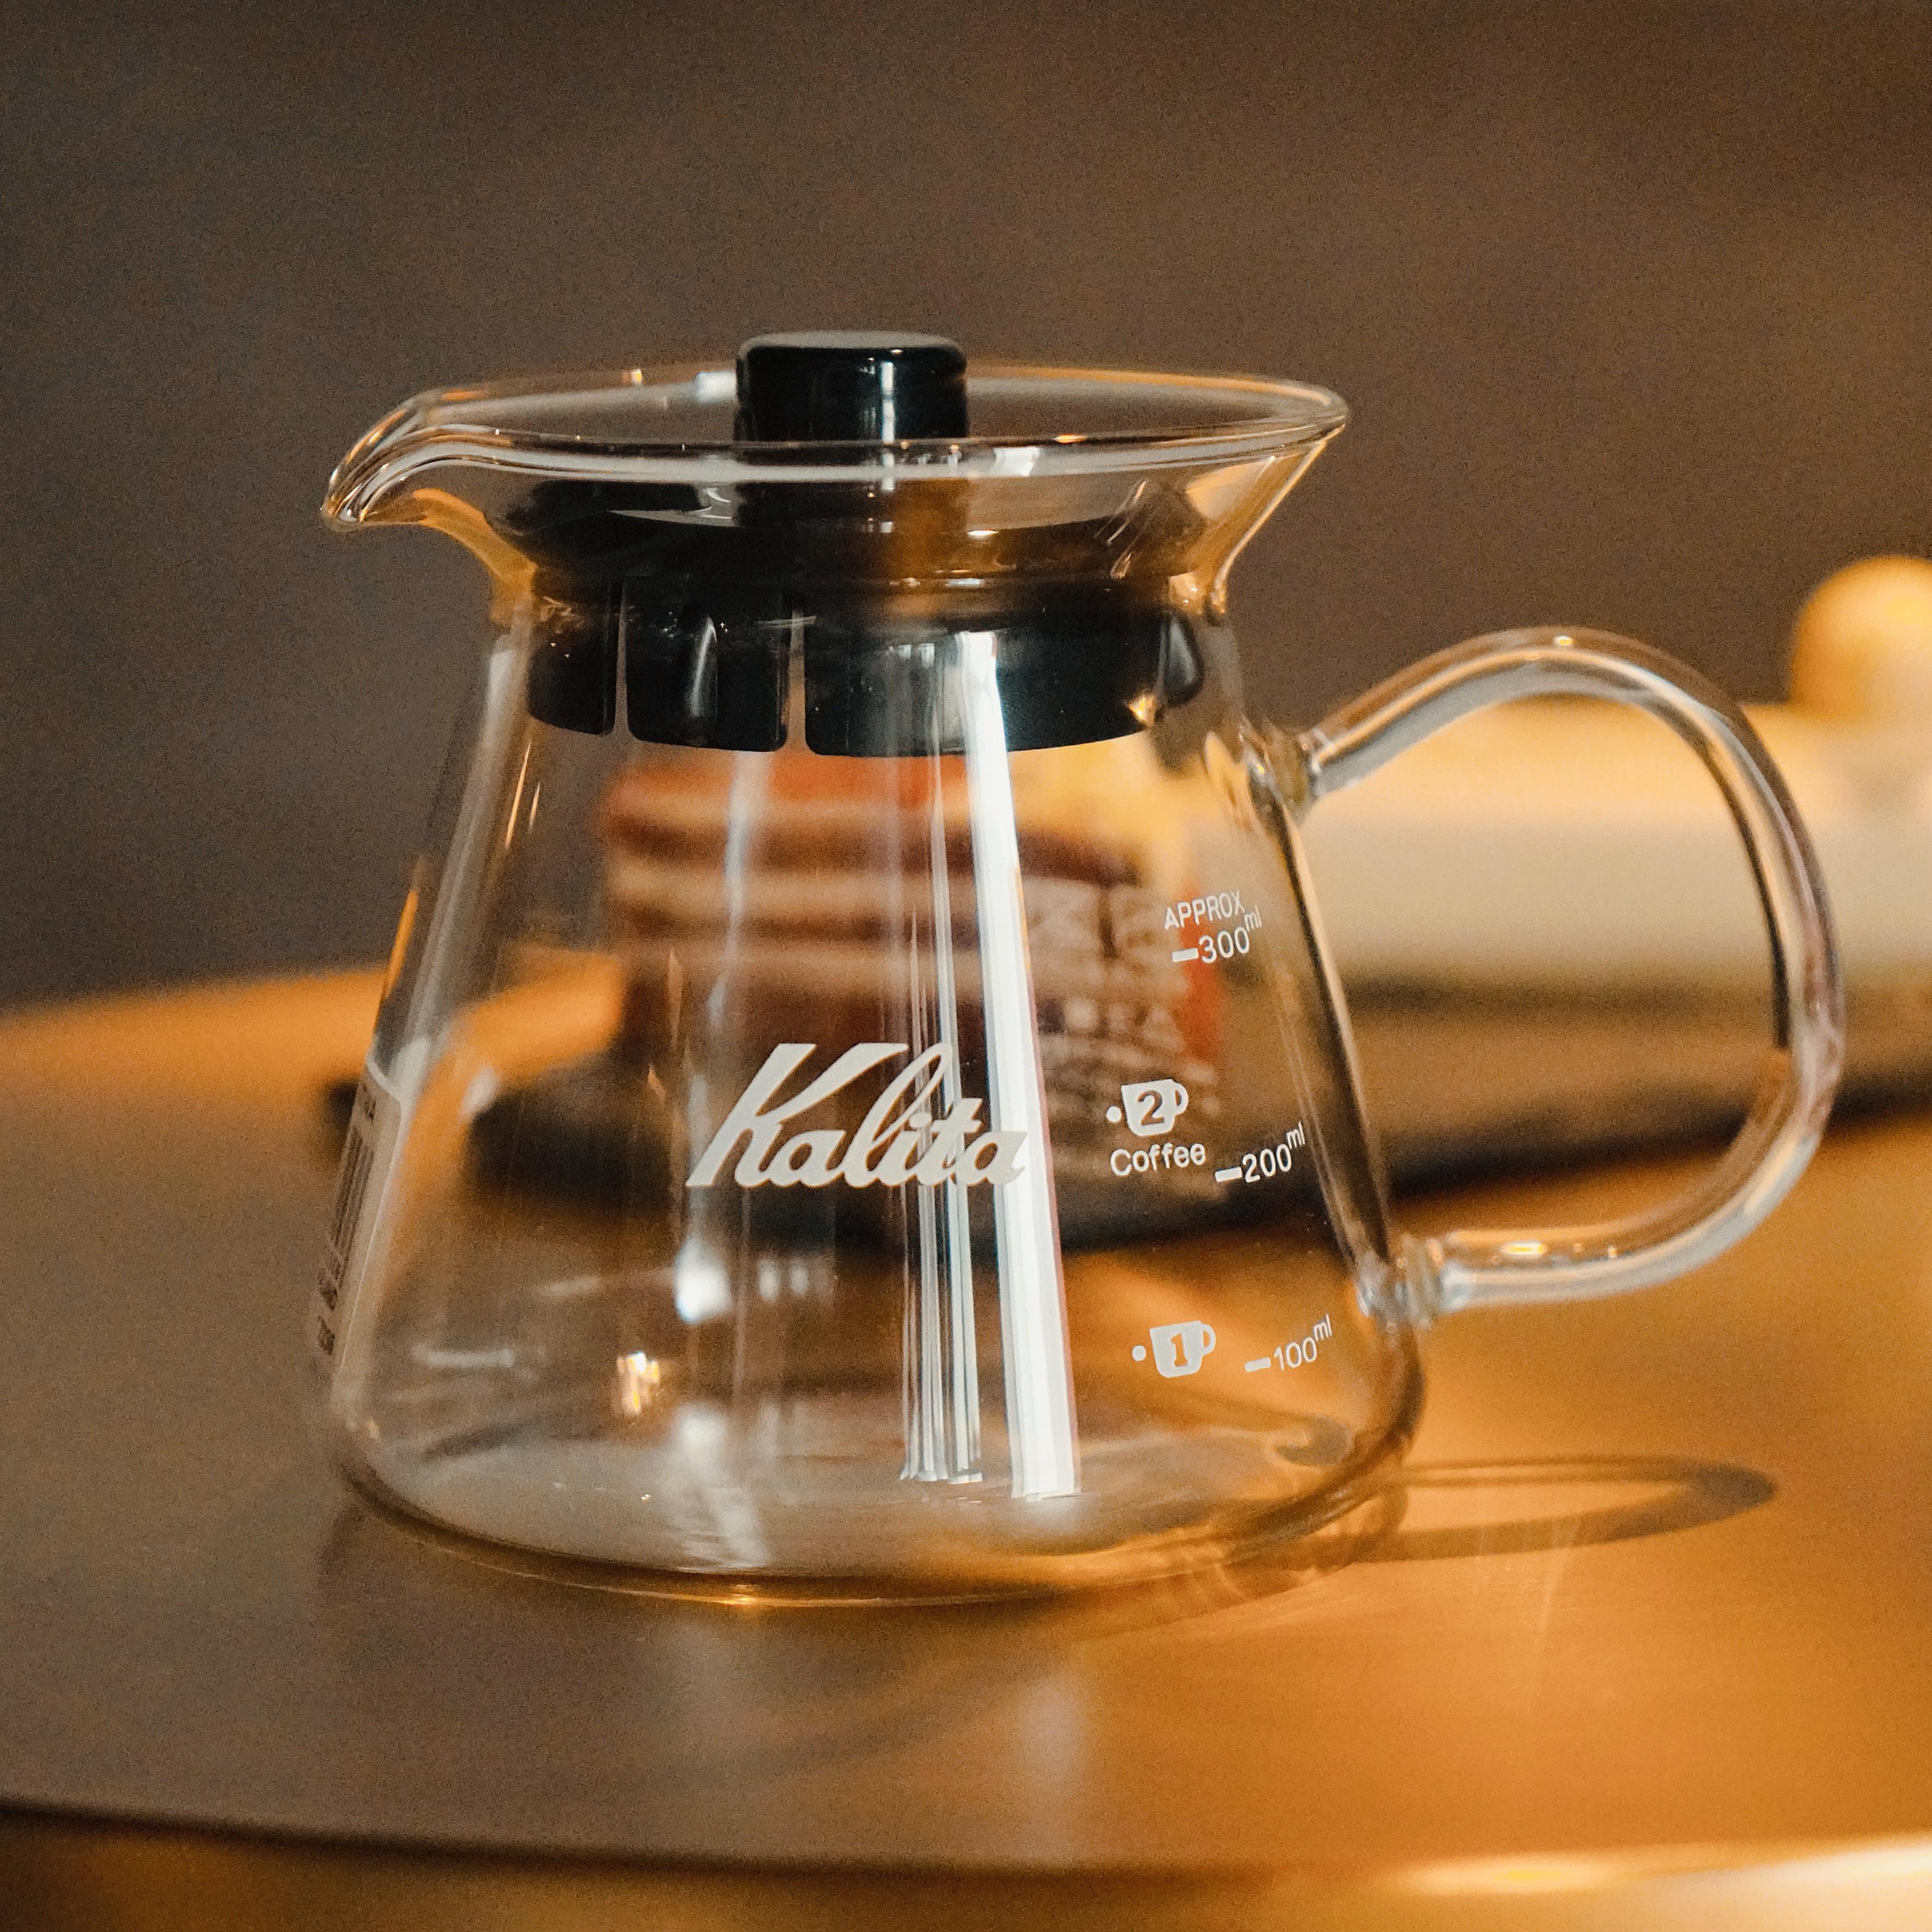 日本kalita卡莉塔咖啡分享壶玻璃手冲咖啡壶套装家用滴漏式滤壶